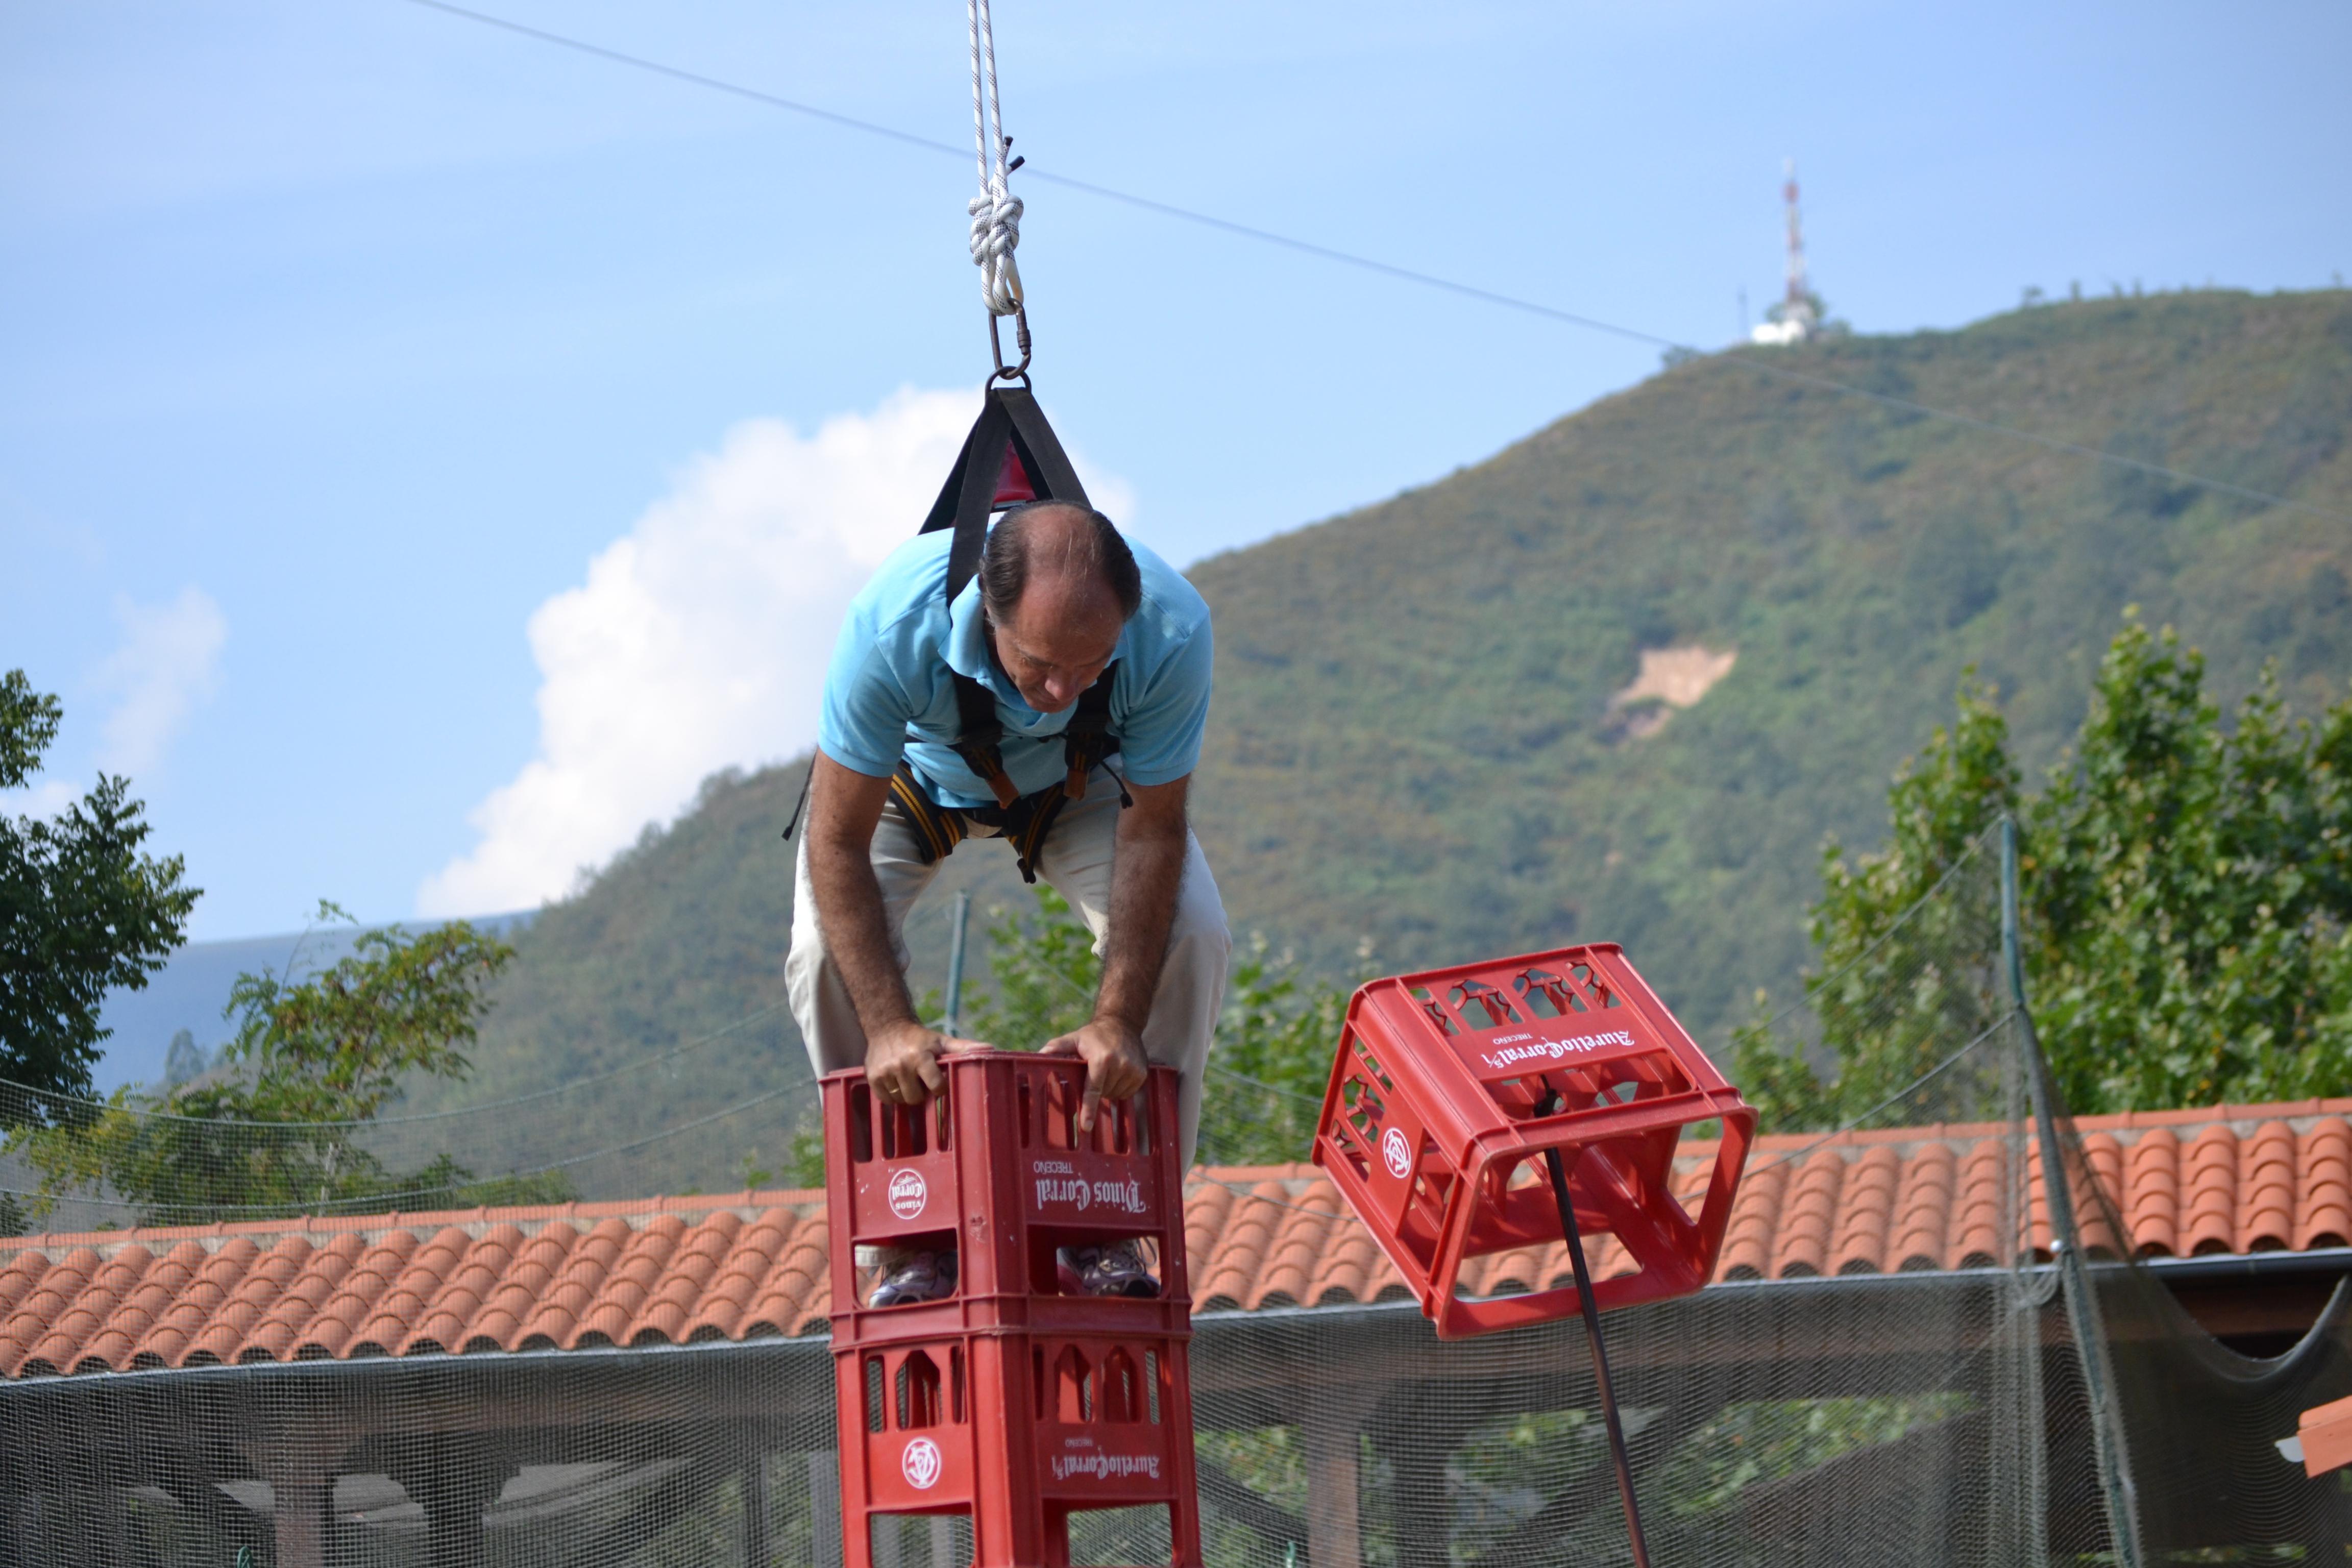 Juego_cajas_cantabria_parque_multiaventura_ocio_juegos_cabuerniaventura-9